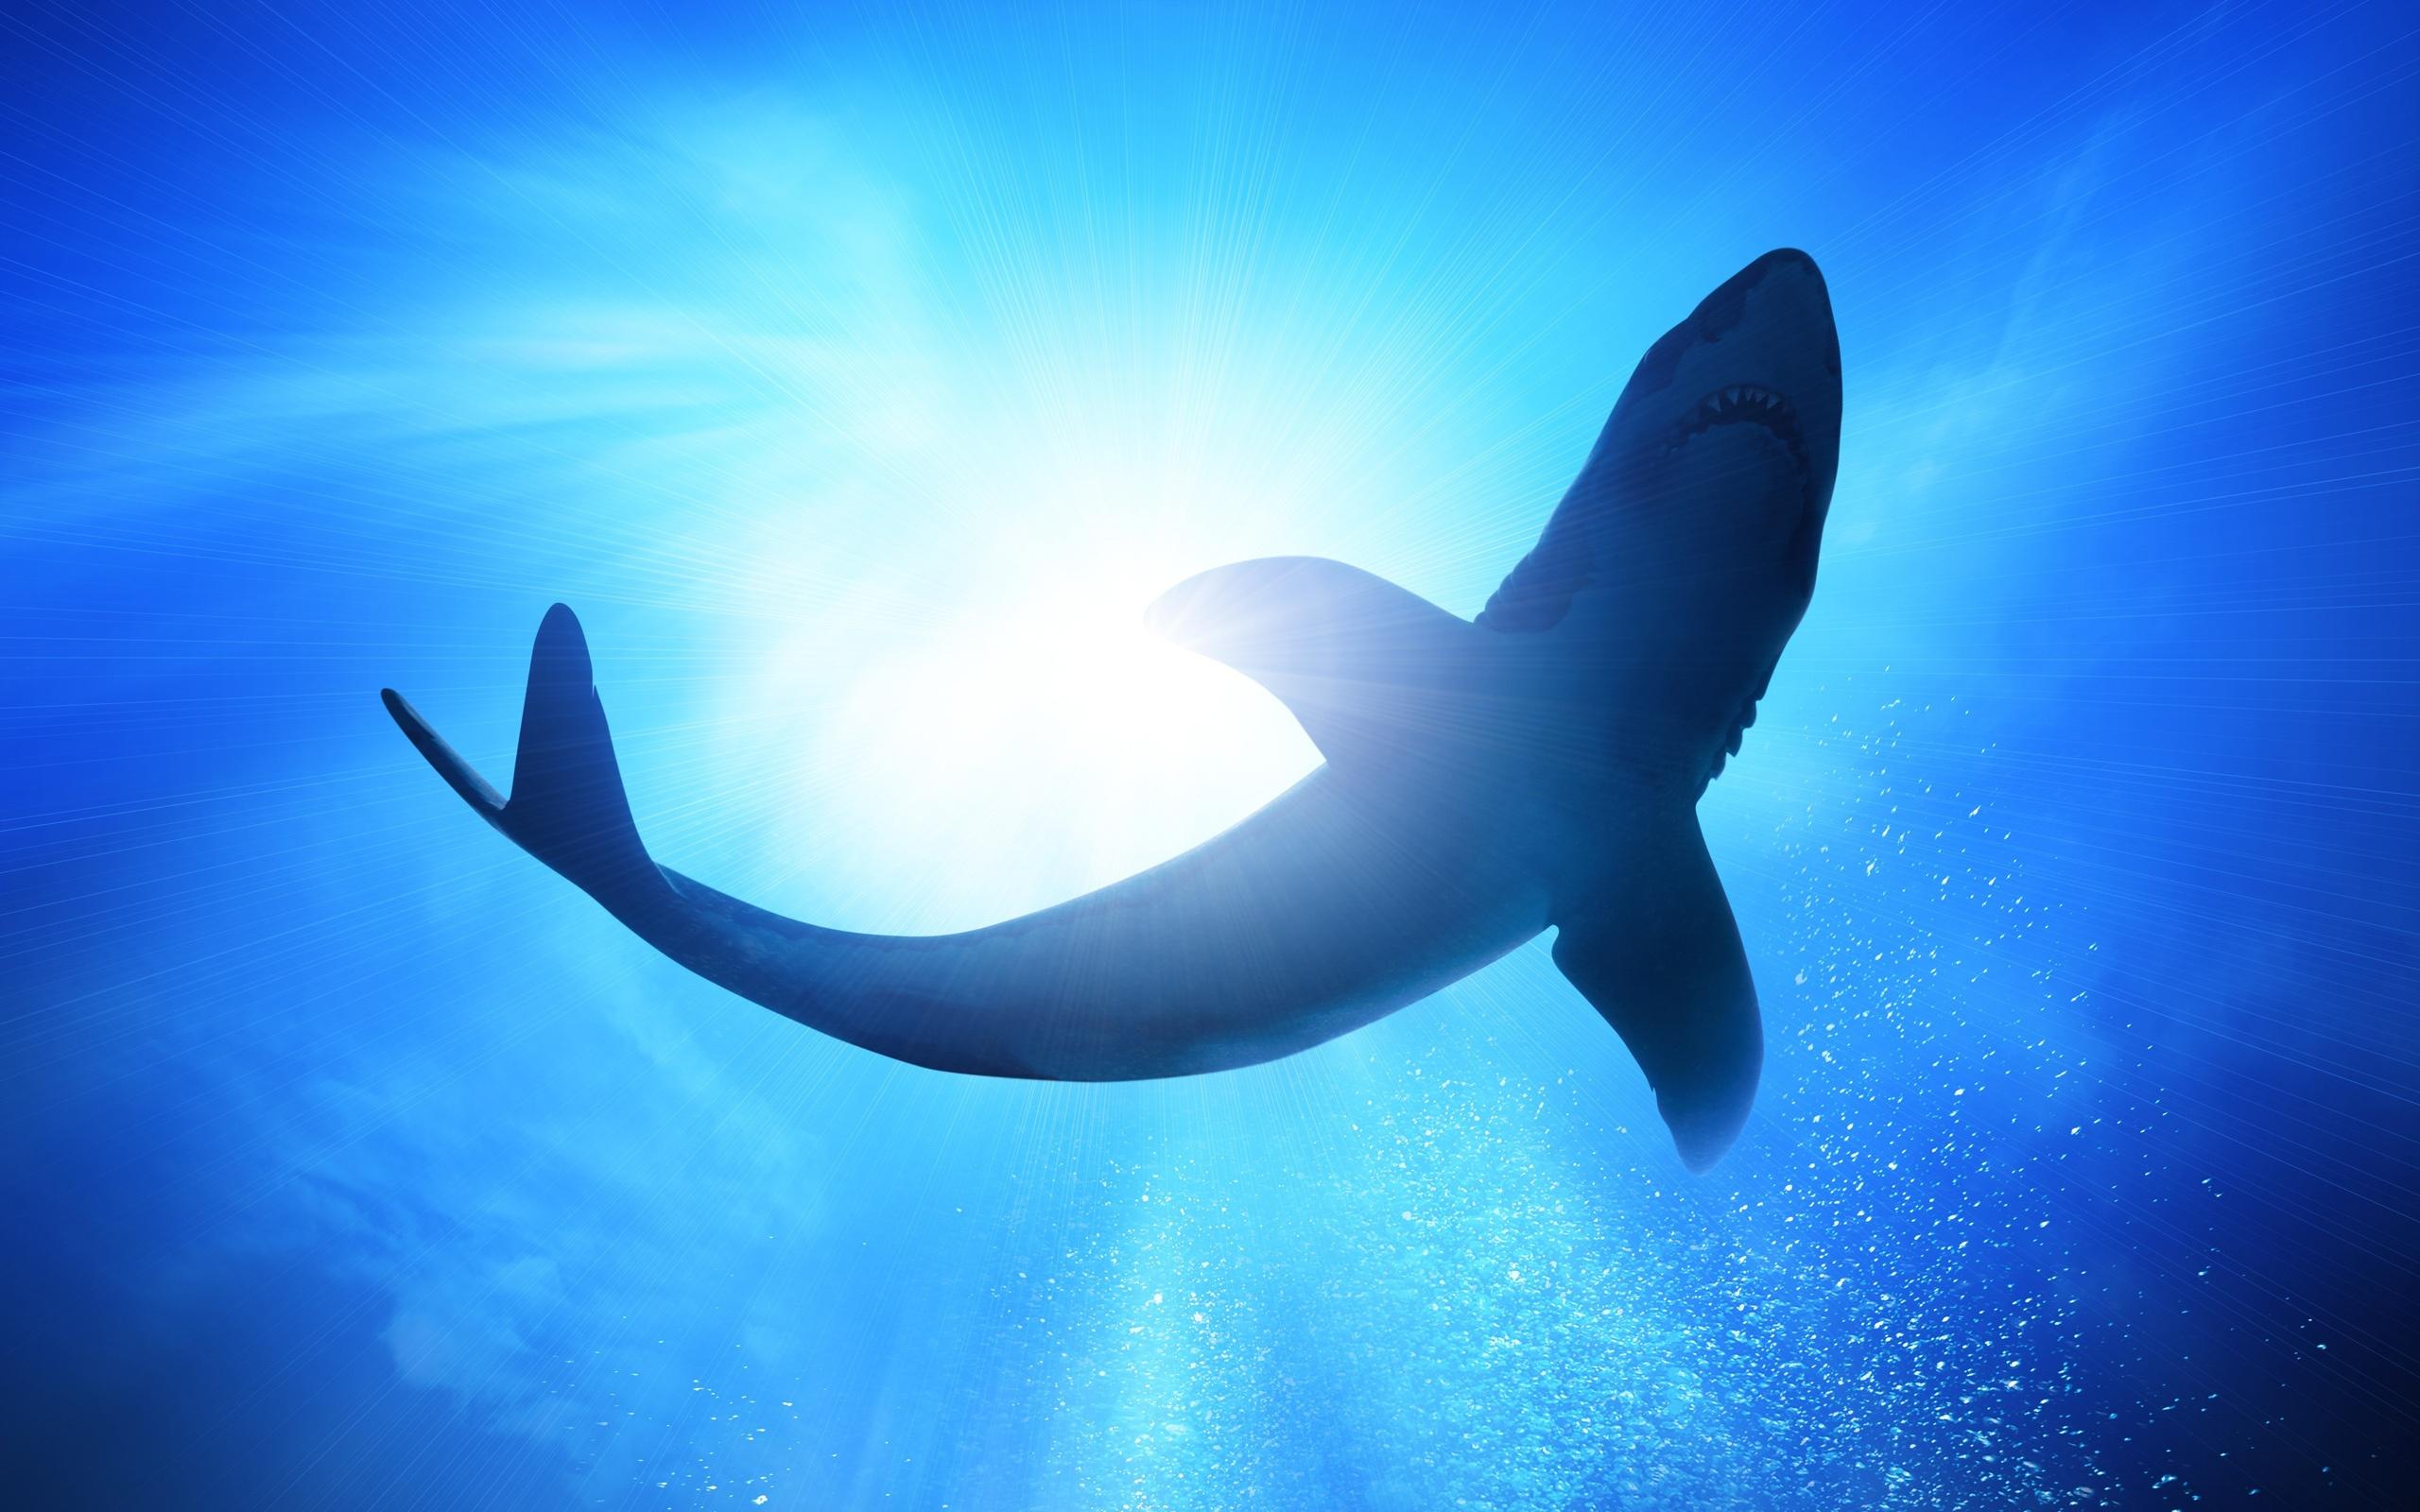 壁紙 水中 青い海 泡 サメ 2560x1600 Hd 無料のデスクトップの背景